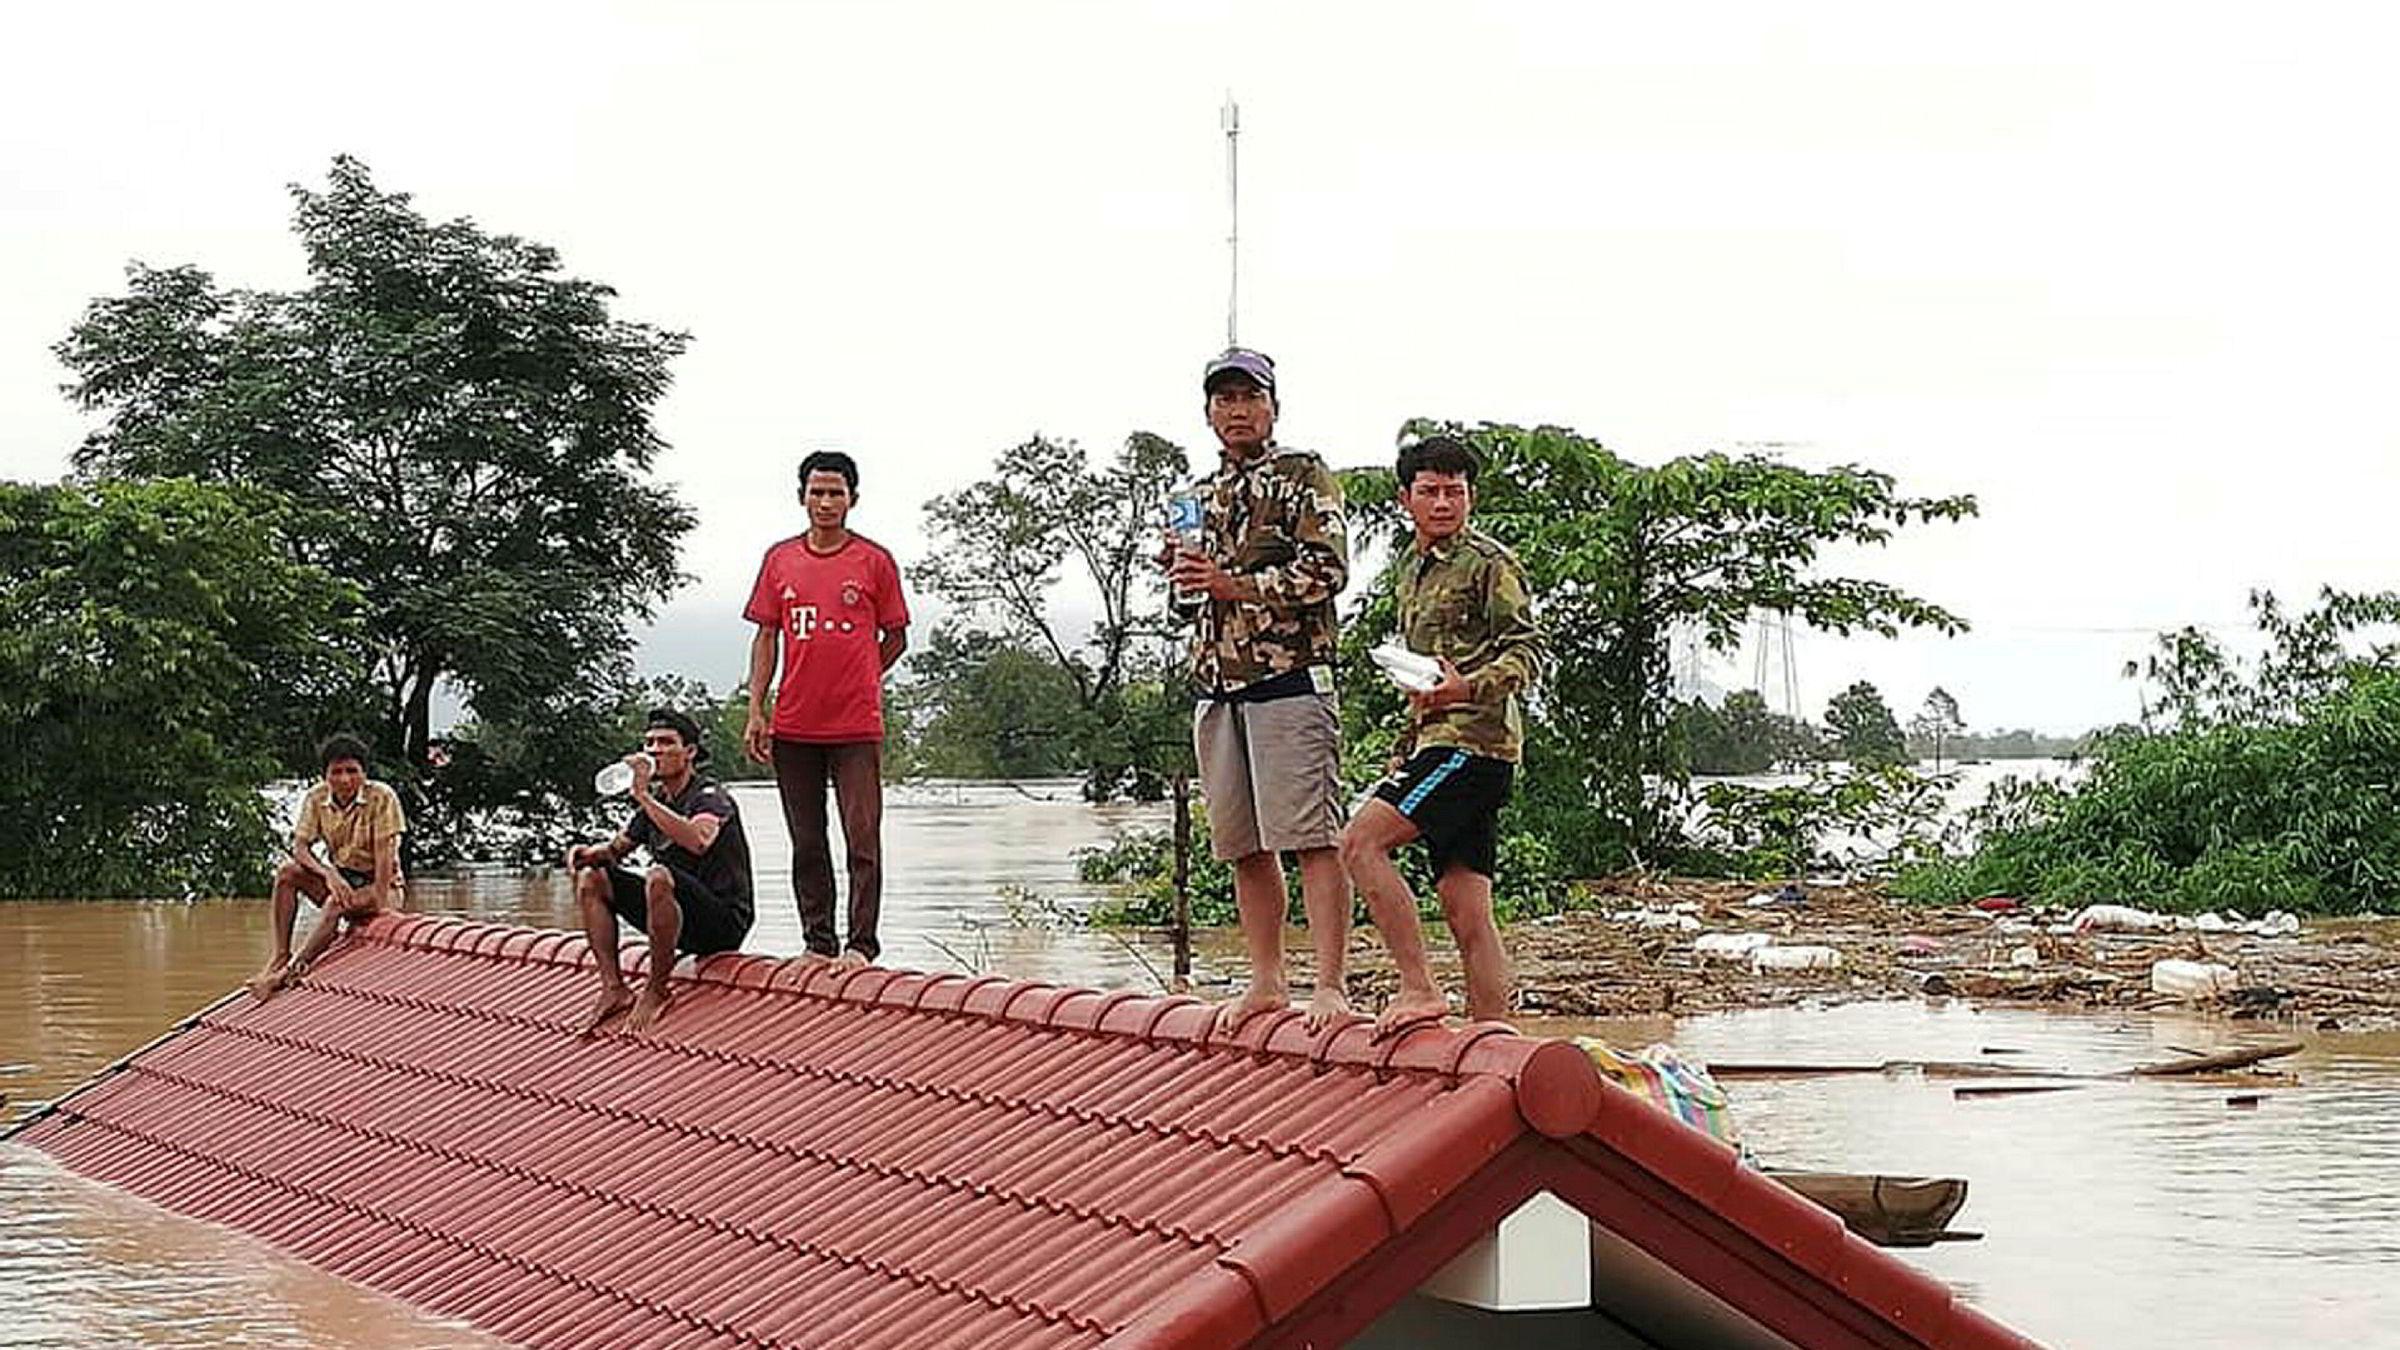 Stillbilde fra et TV-opptak som viser folk som evakueres fra det oversvømmede området sør i Laos.